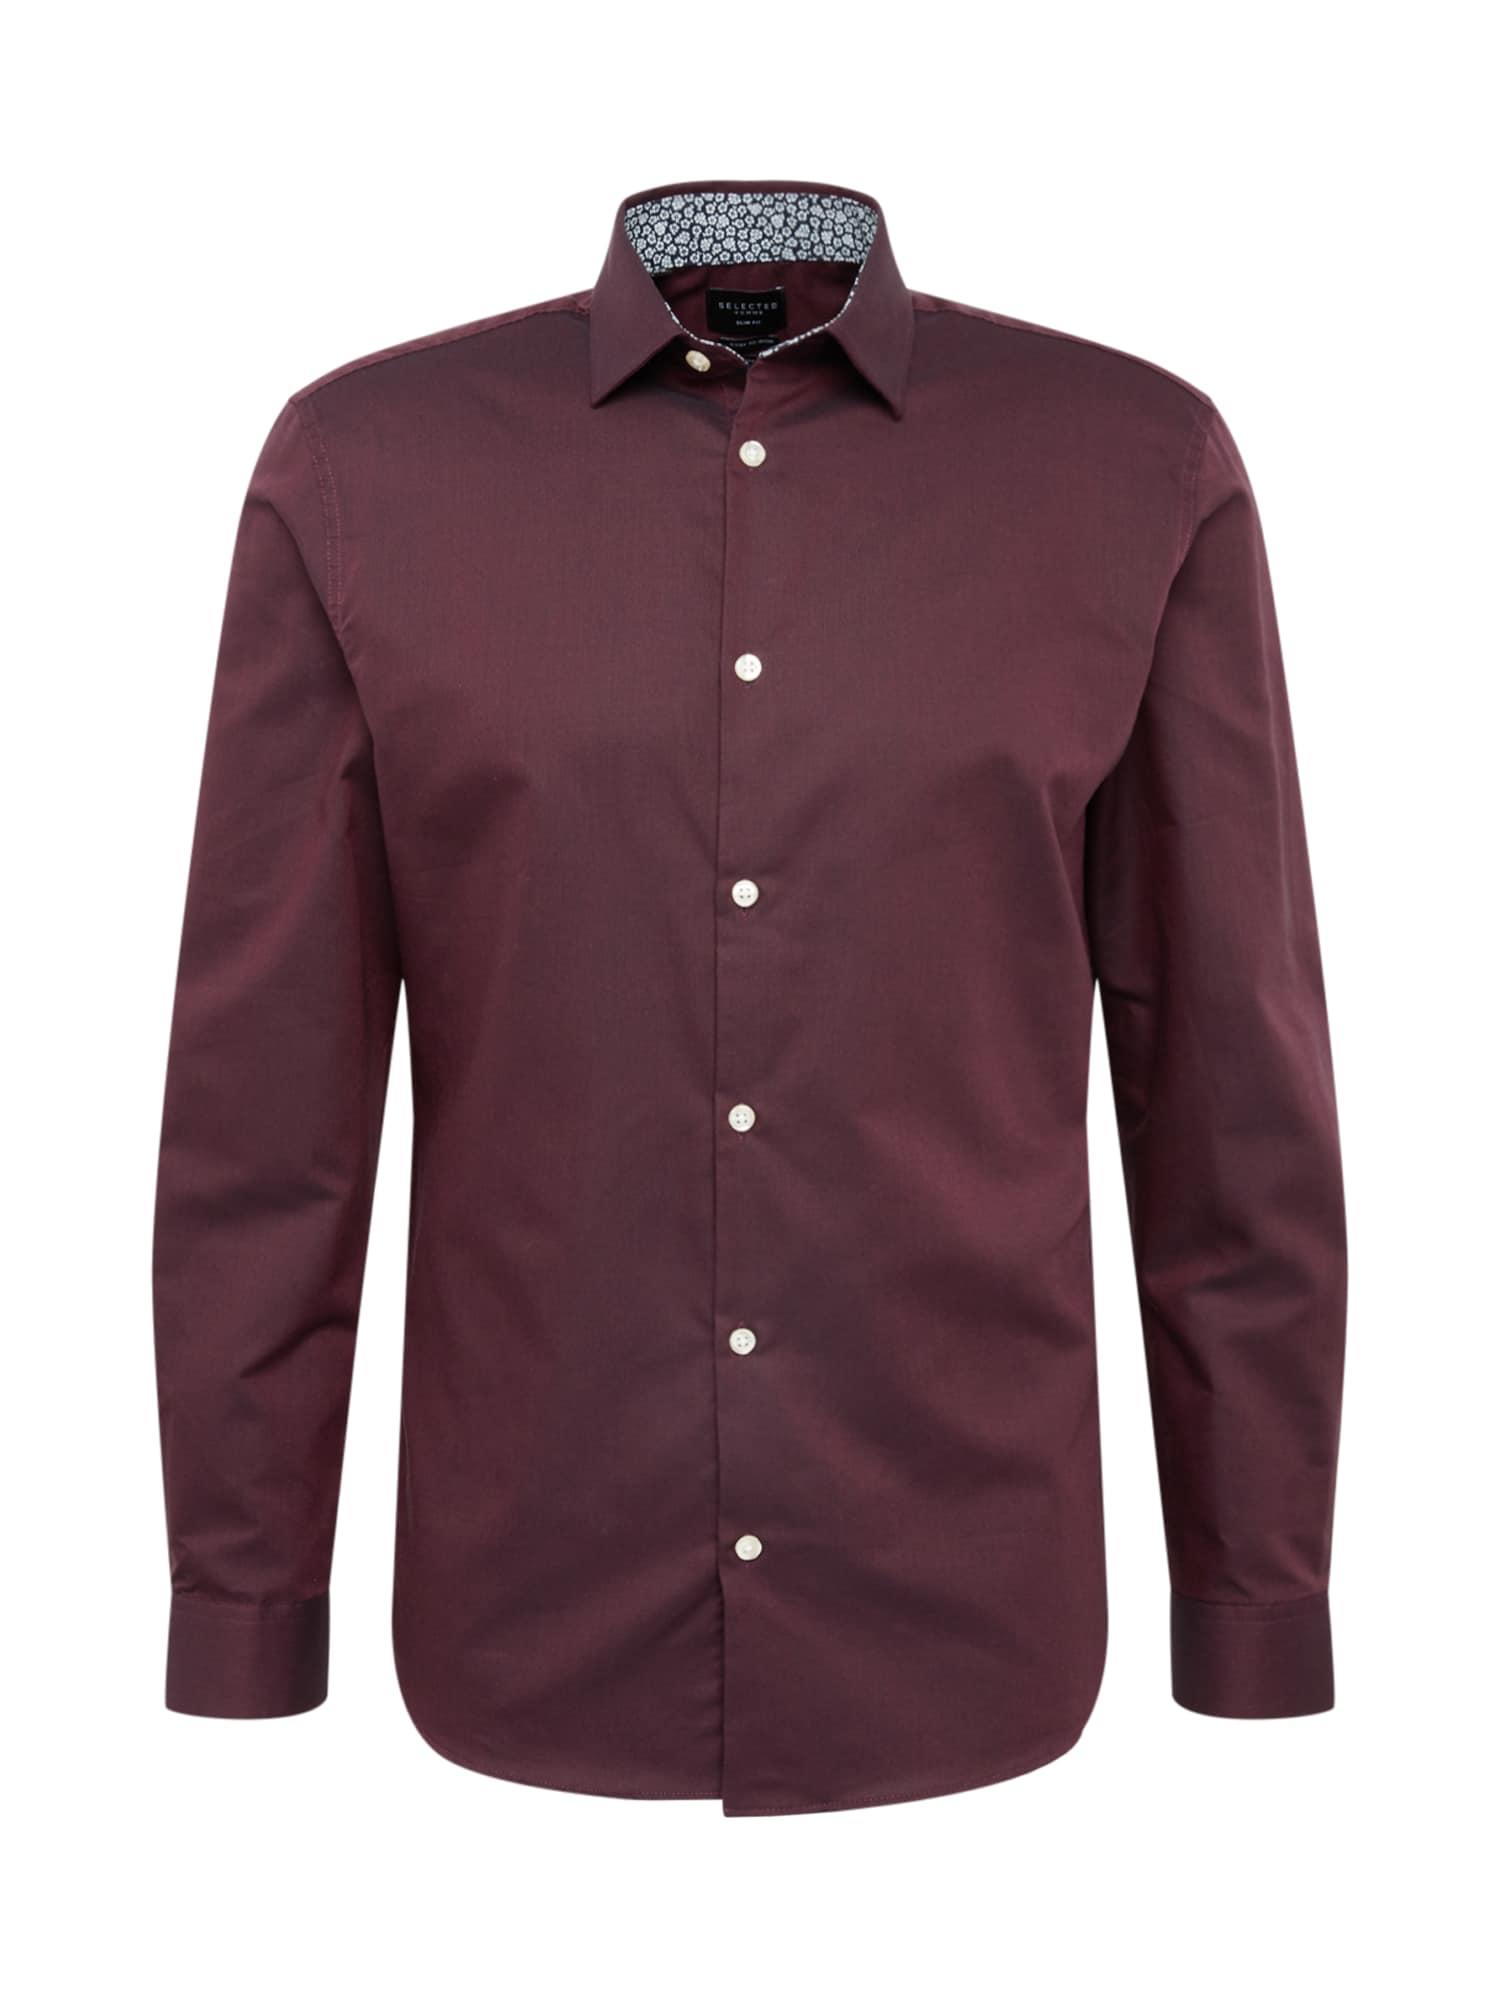 SELECTED HOMME Dalykinio stiliaus marškiniai vyšninė spalva